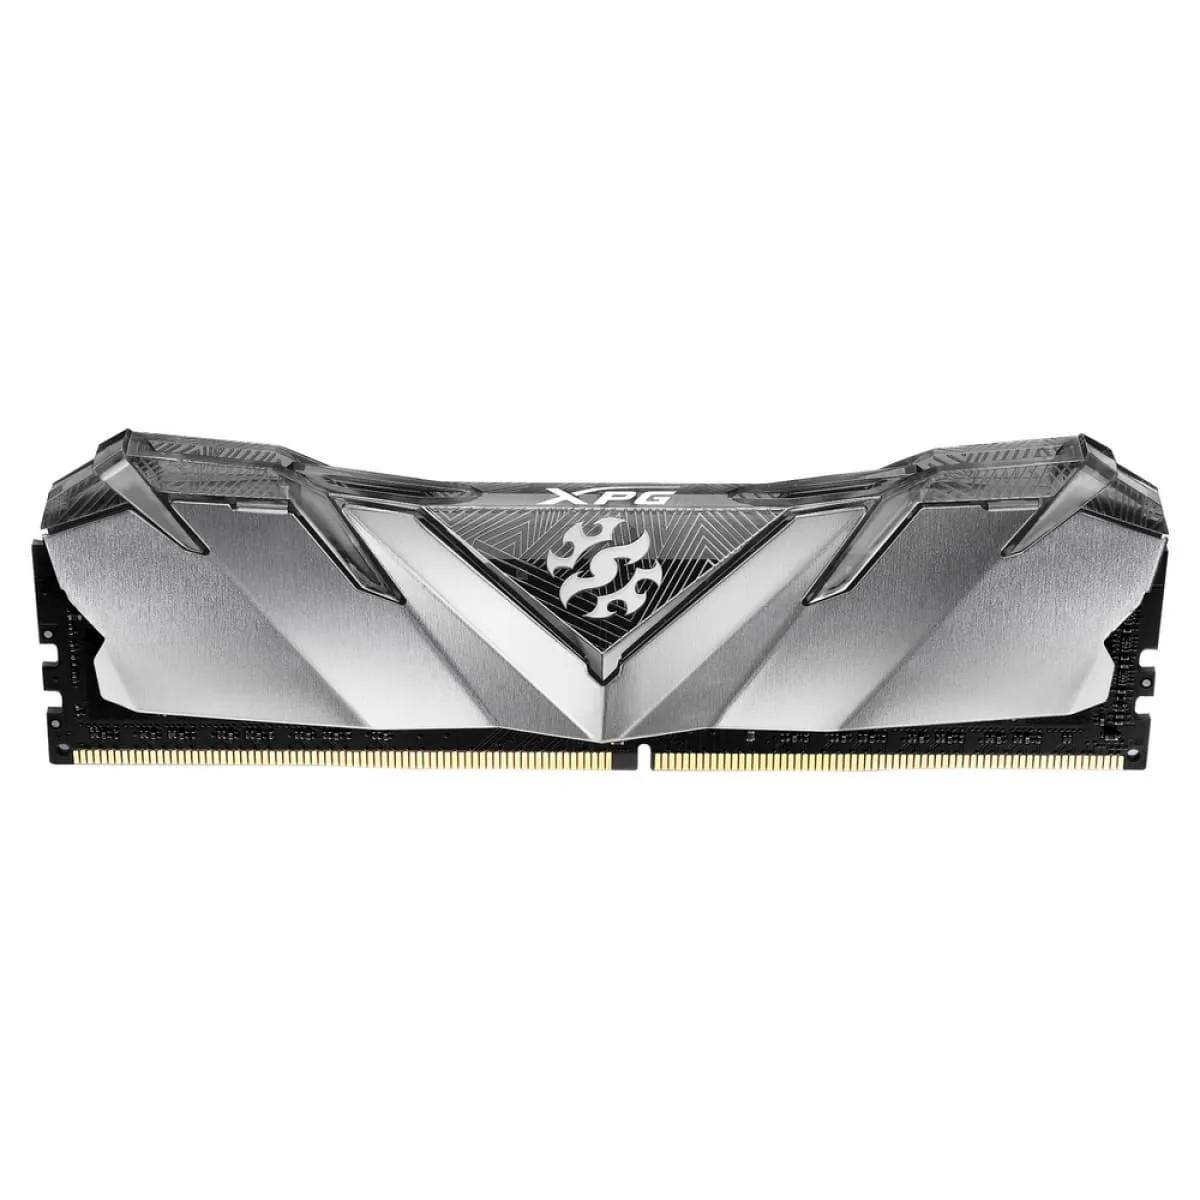 Memória XPG Gammix D30 8GB 3200MHz DDR4 CL16 AX4U320038G16A-SB30